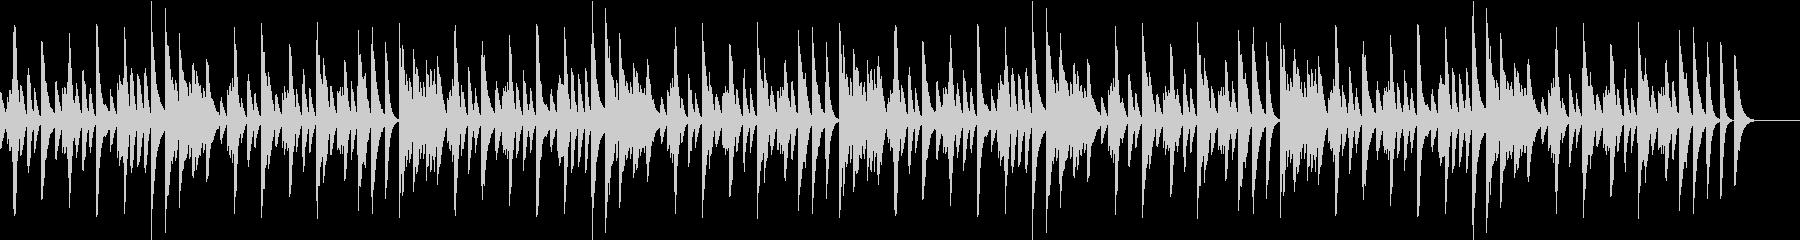 じゃれる猫を題材にした軽快なピアノBGMの未再生の波形